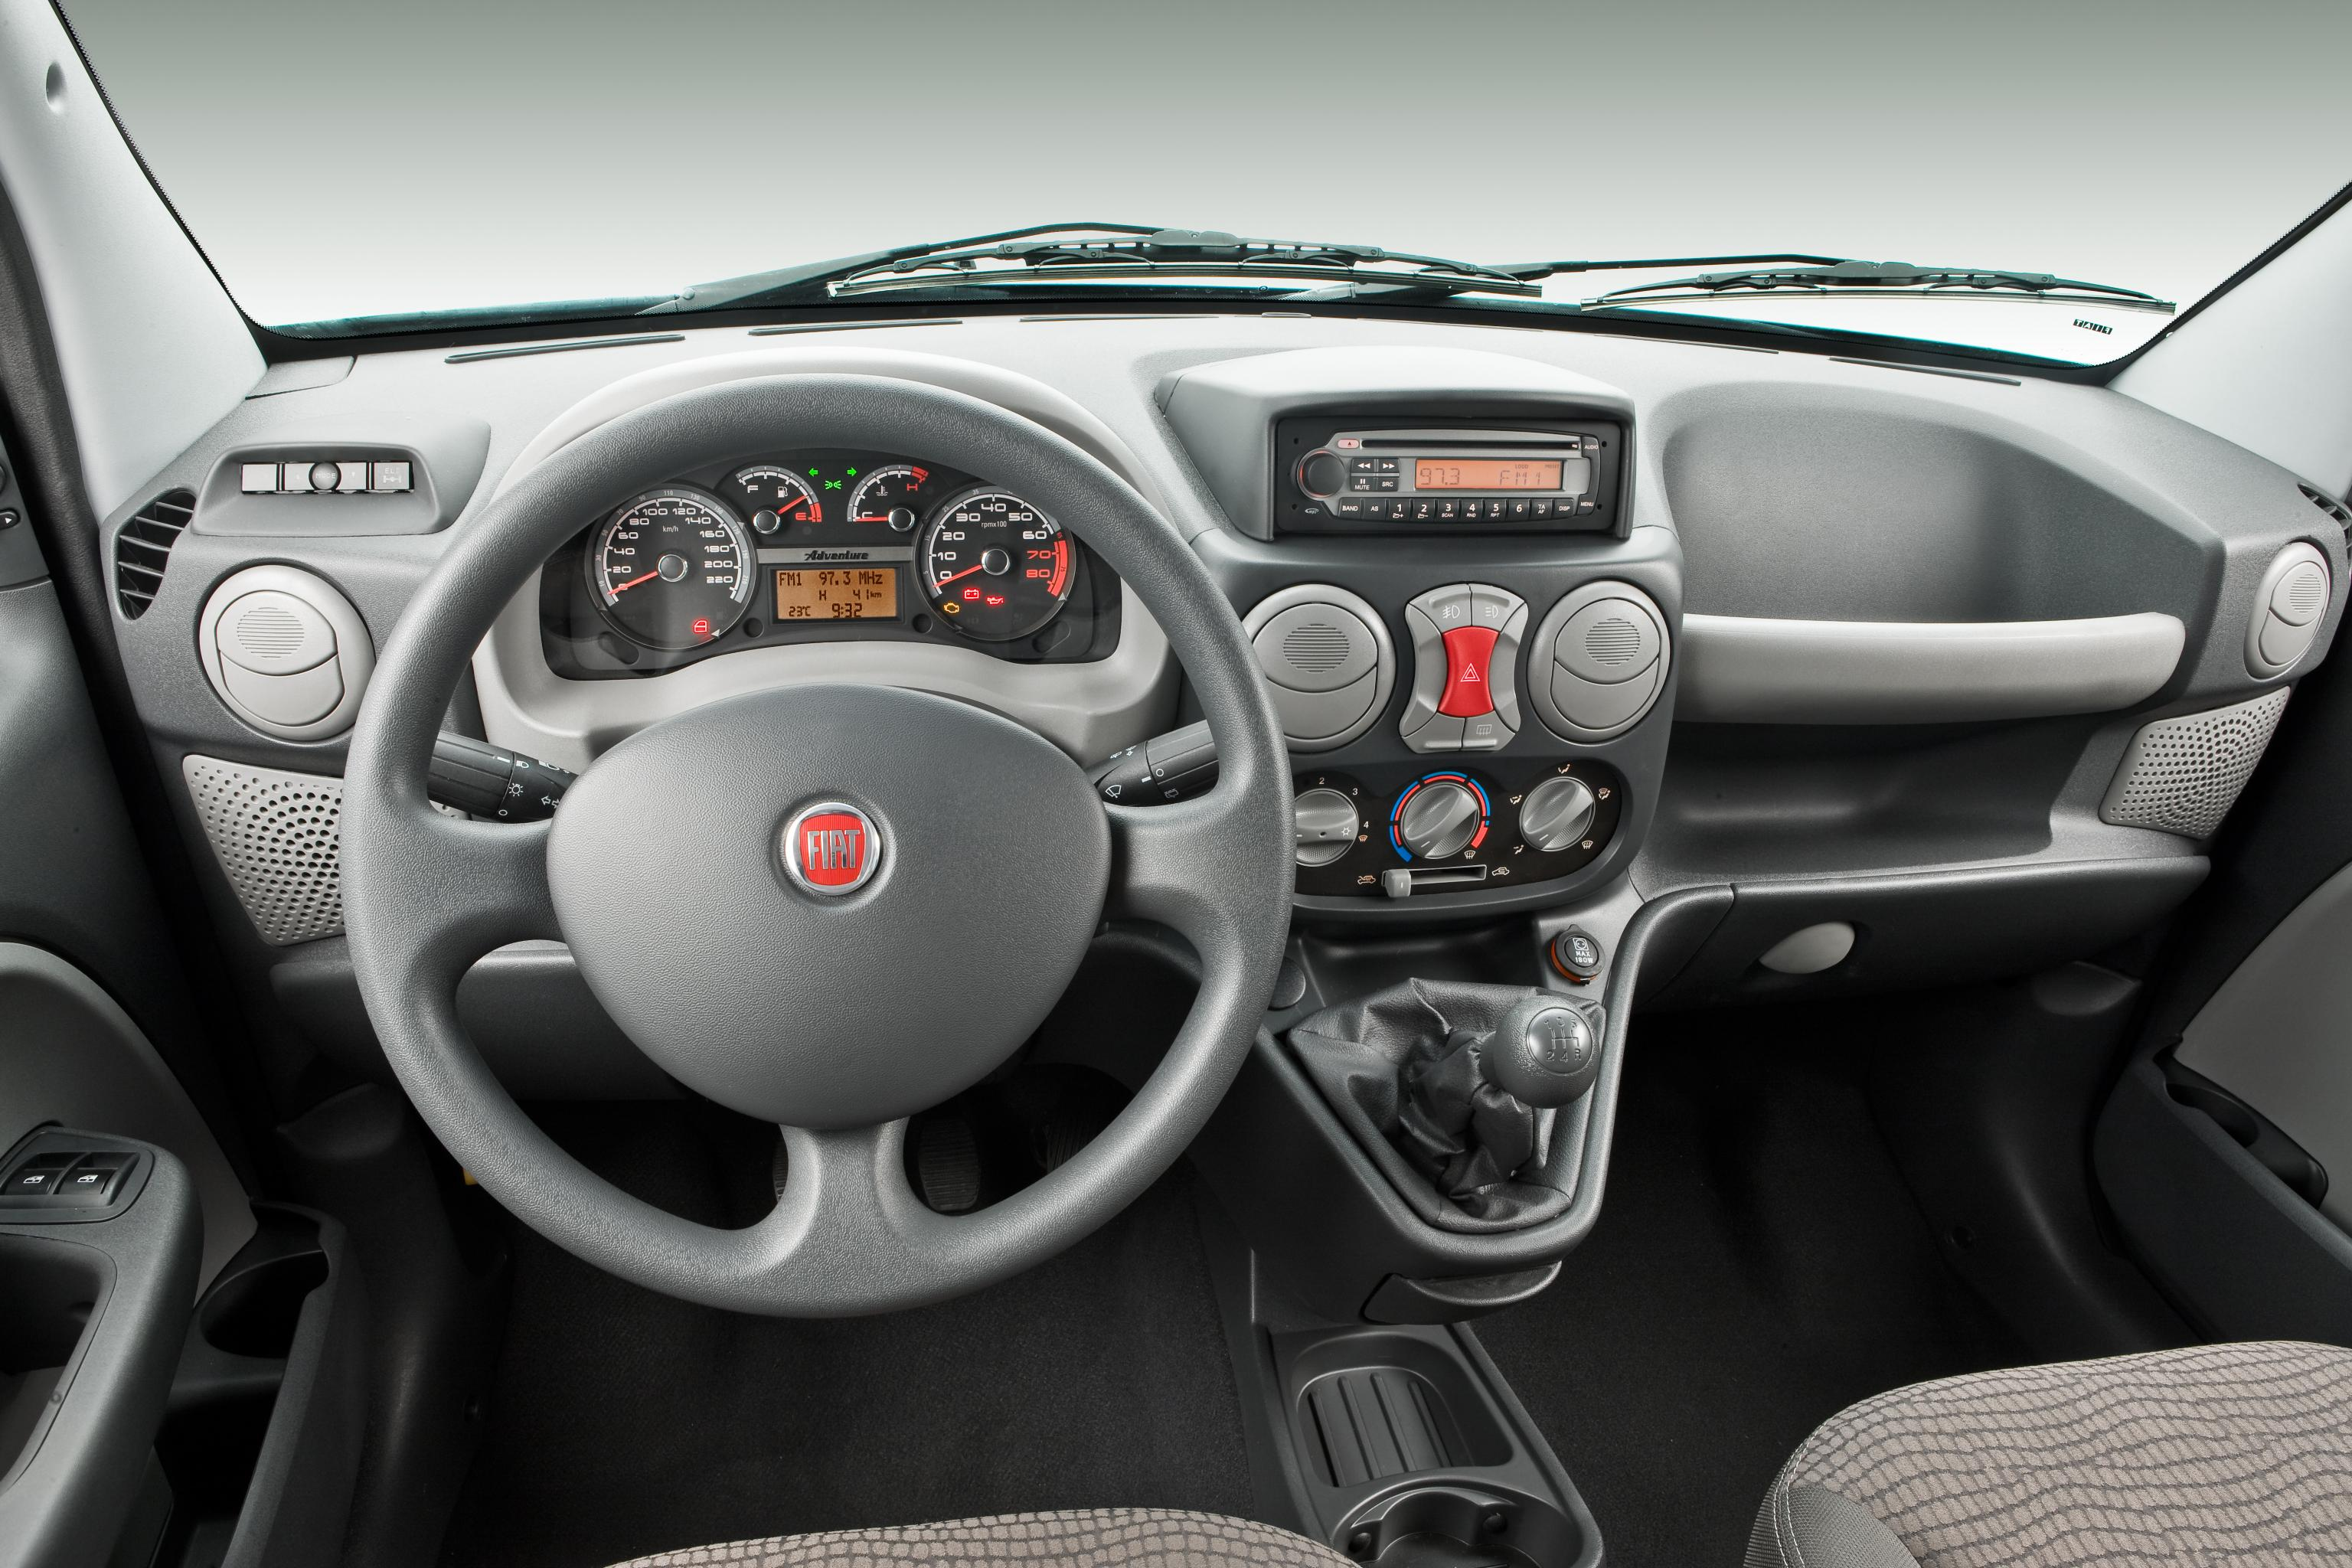 Fiat apresenta dobl 2010 modelo ganha nova op o de for Precio de fiat idea 2013